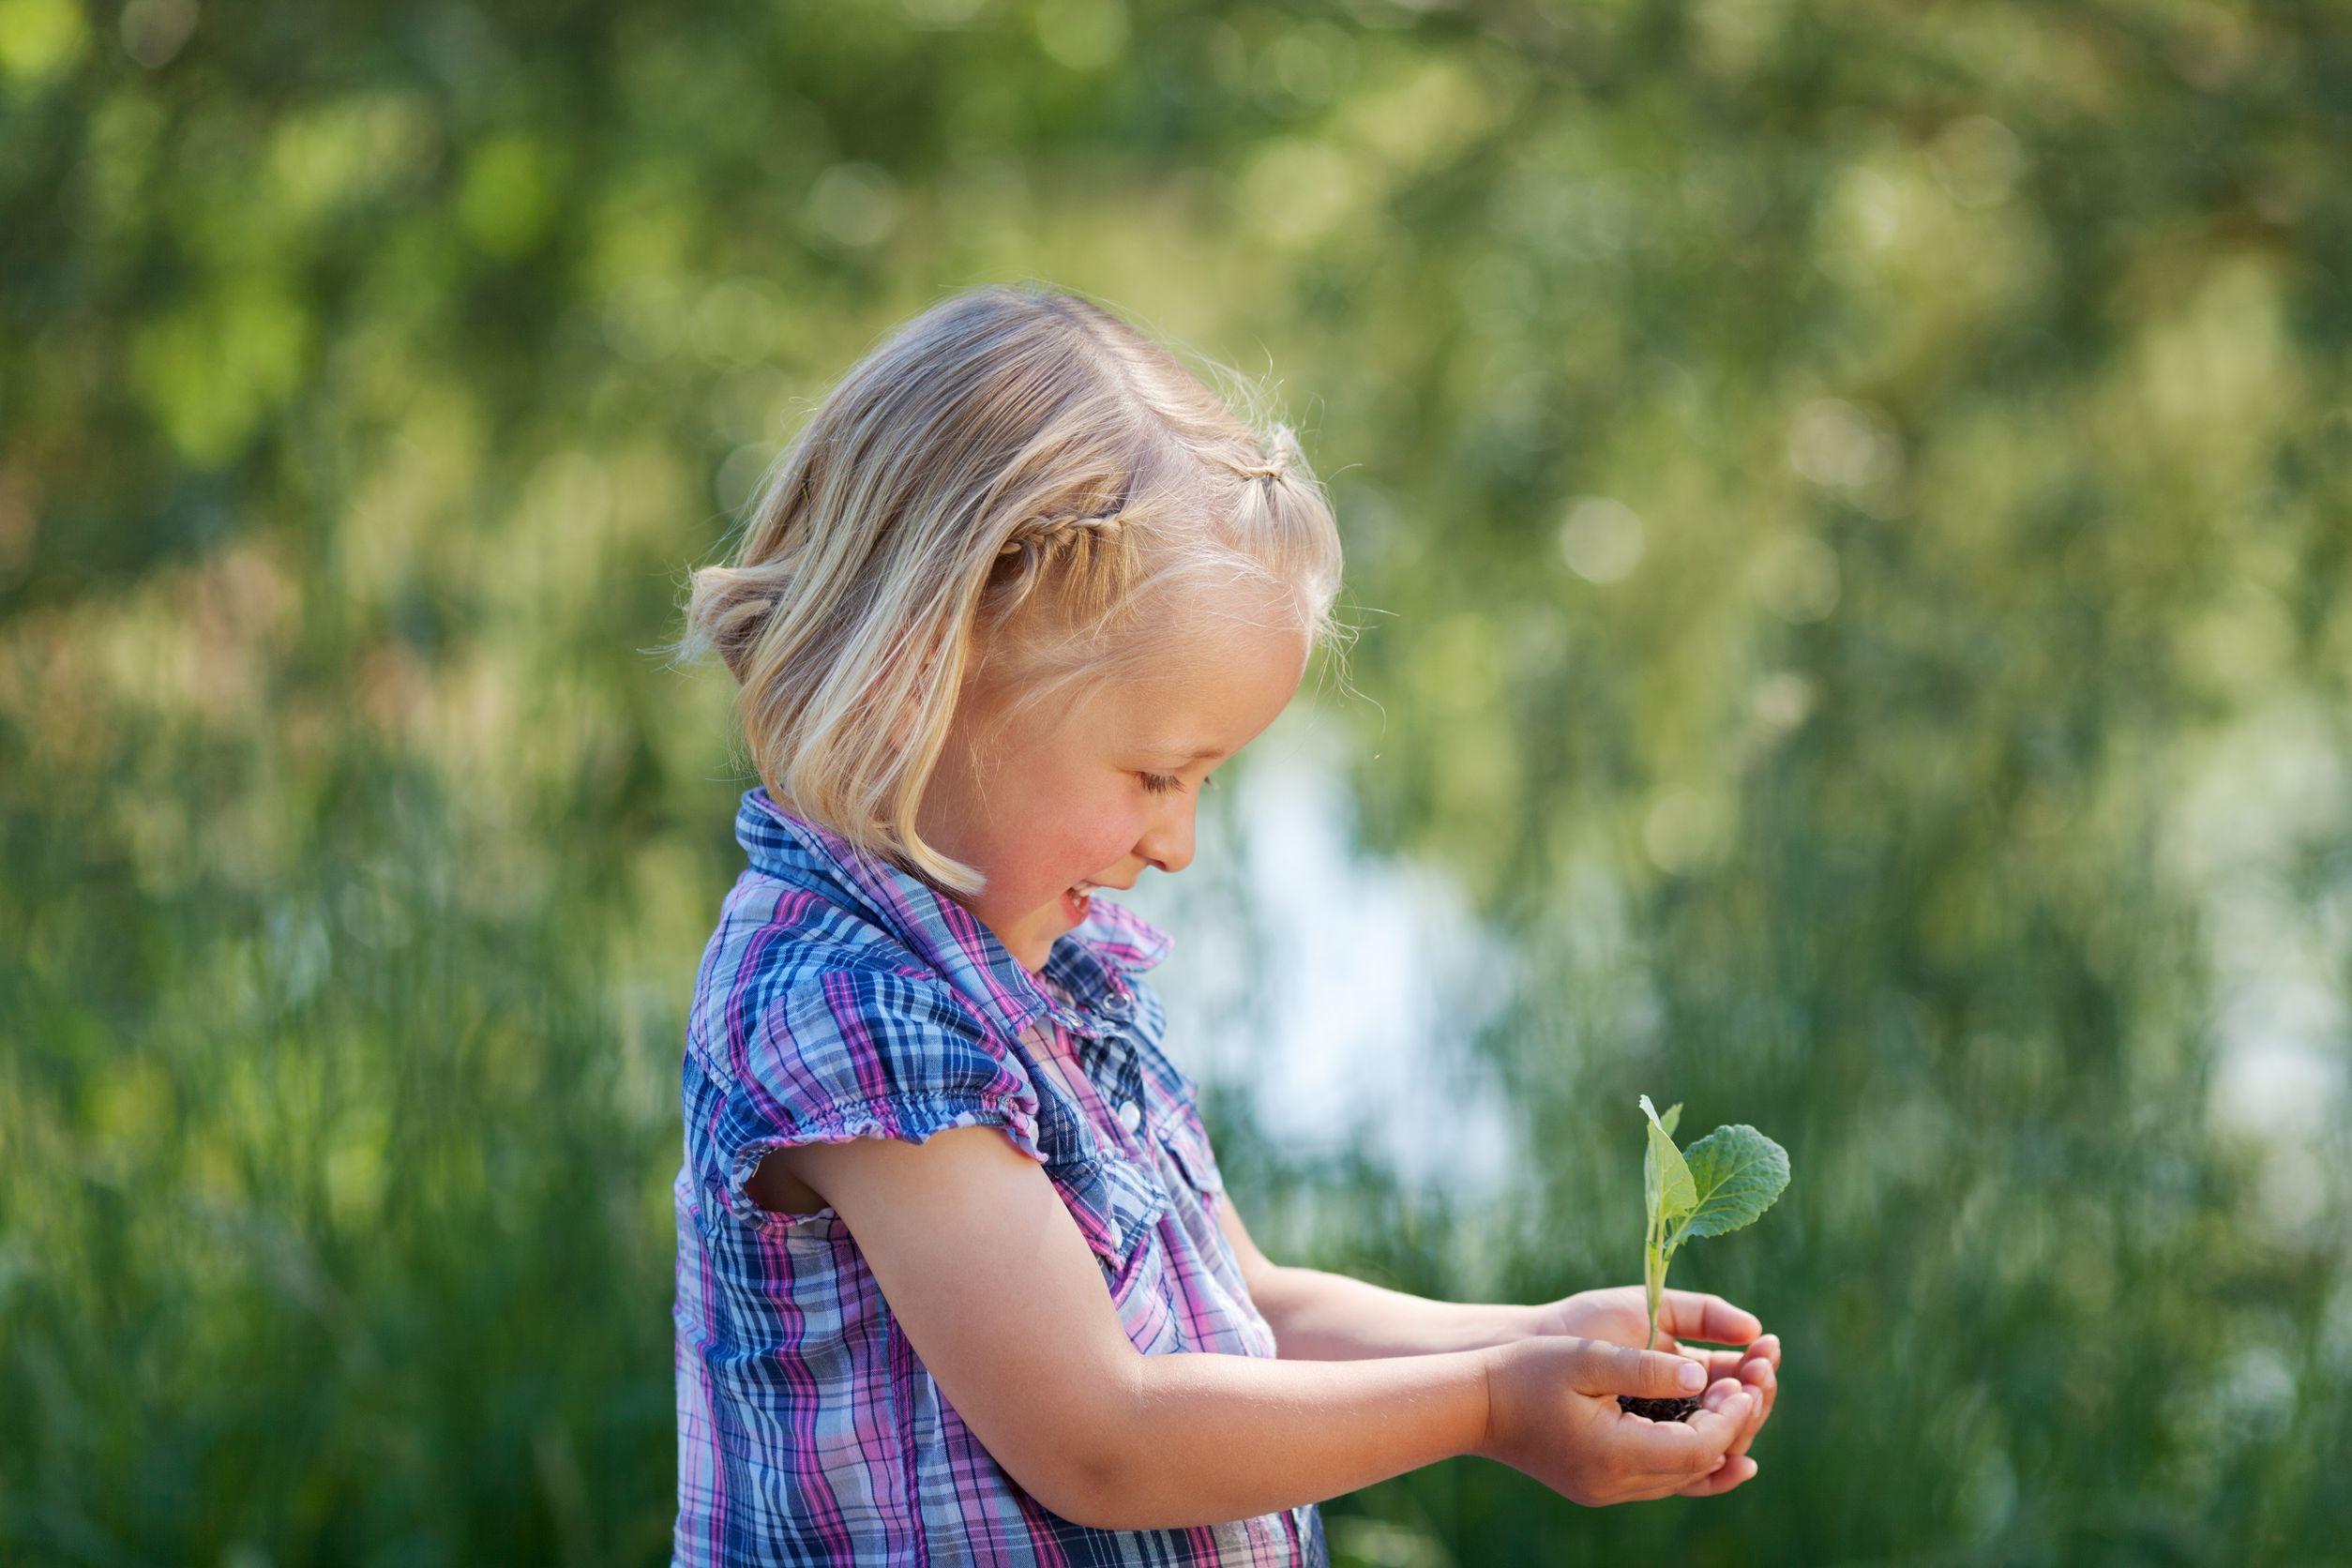 jovem alegre segurando uma planta pequena em suas mãos